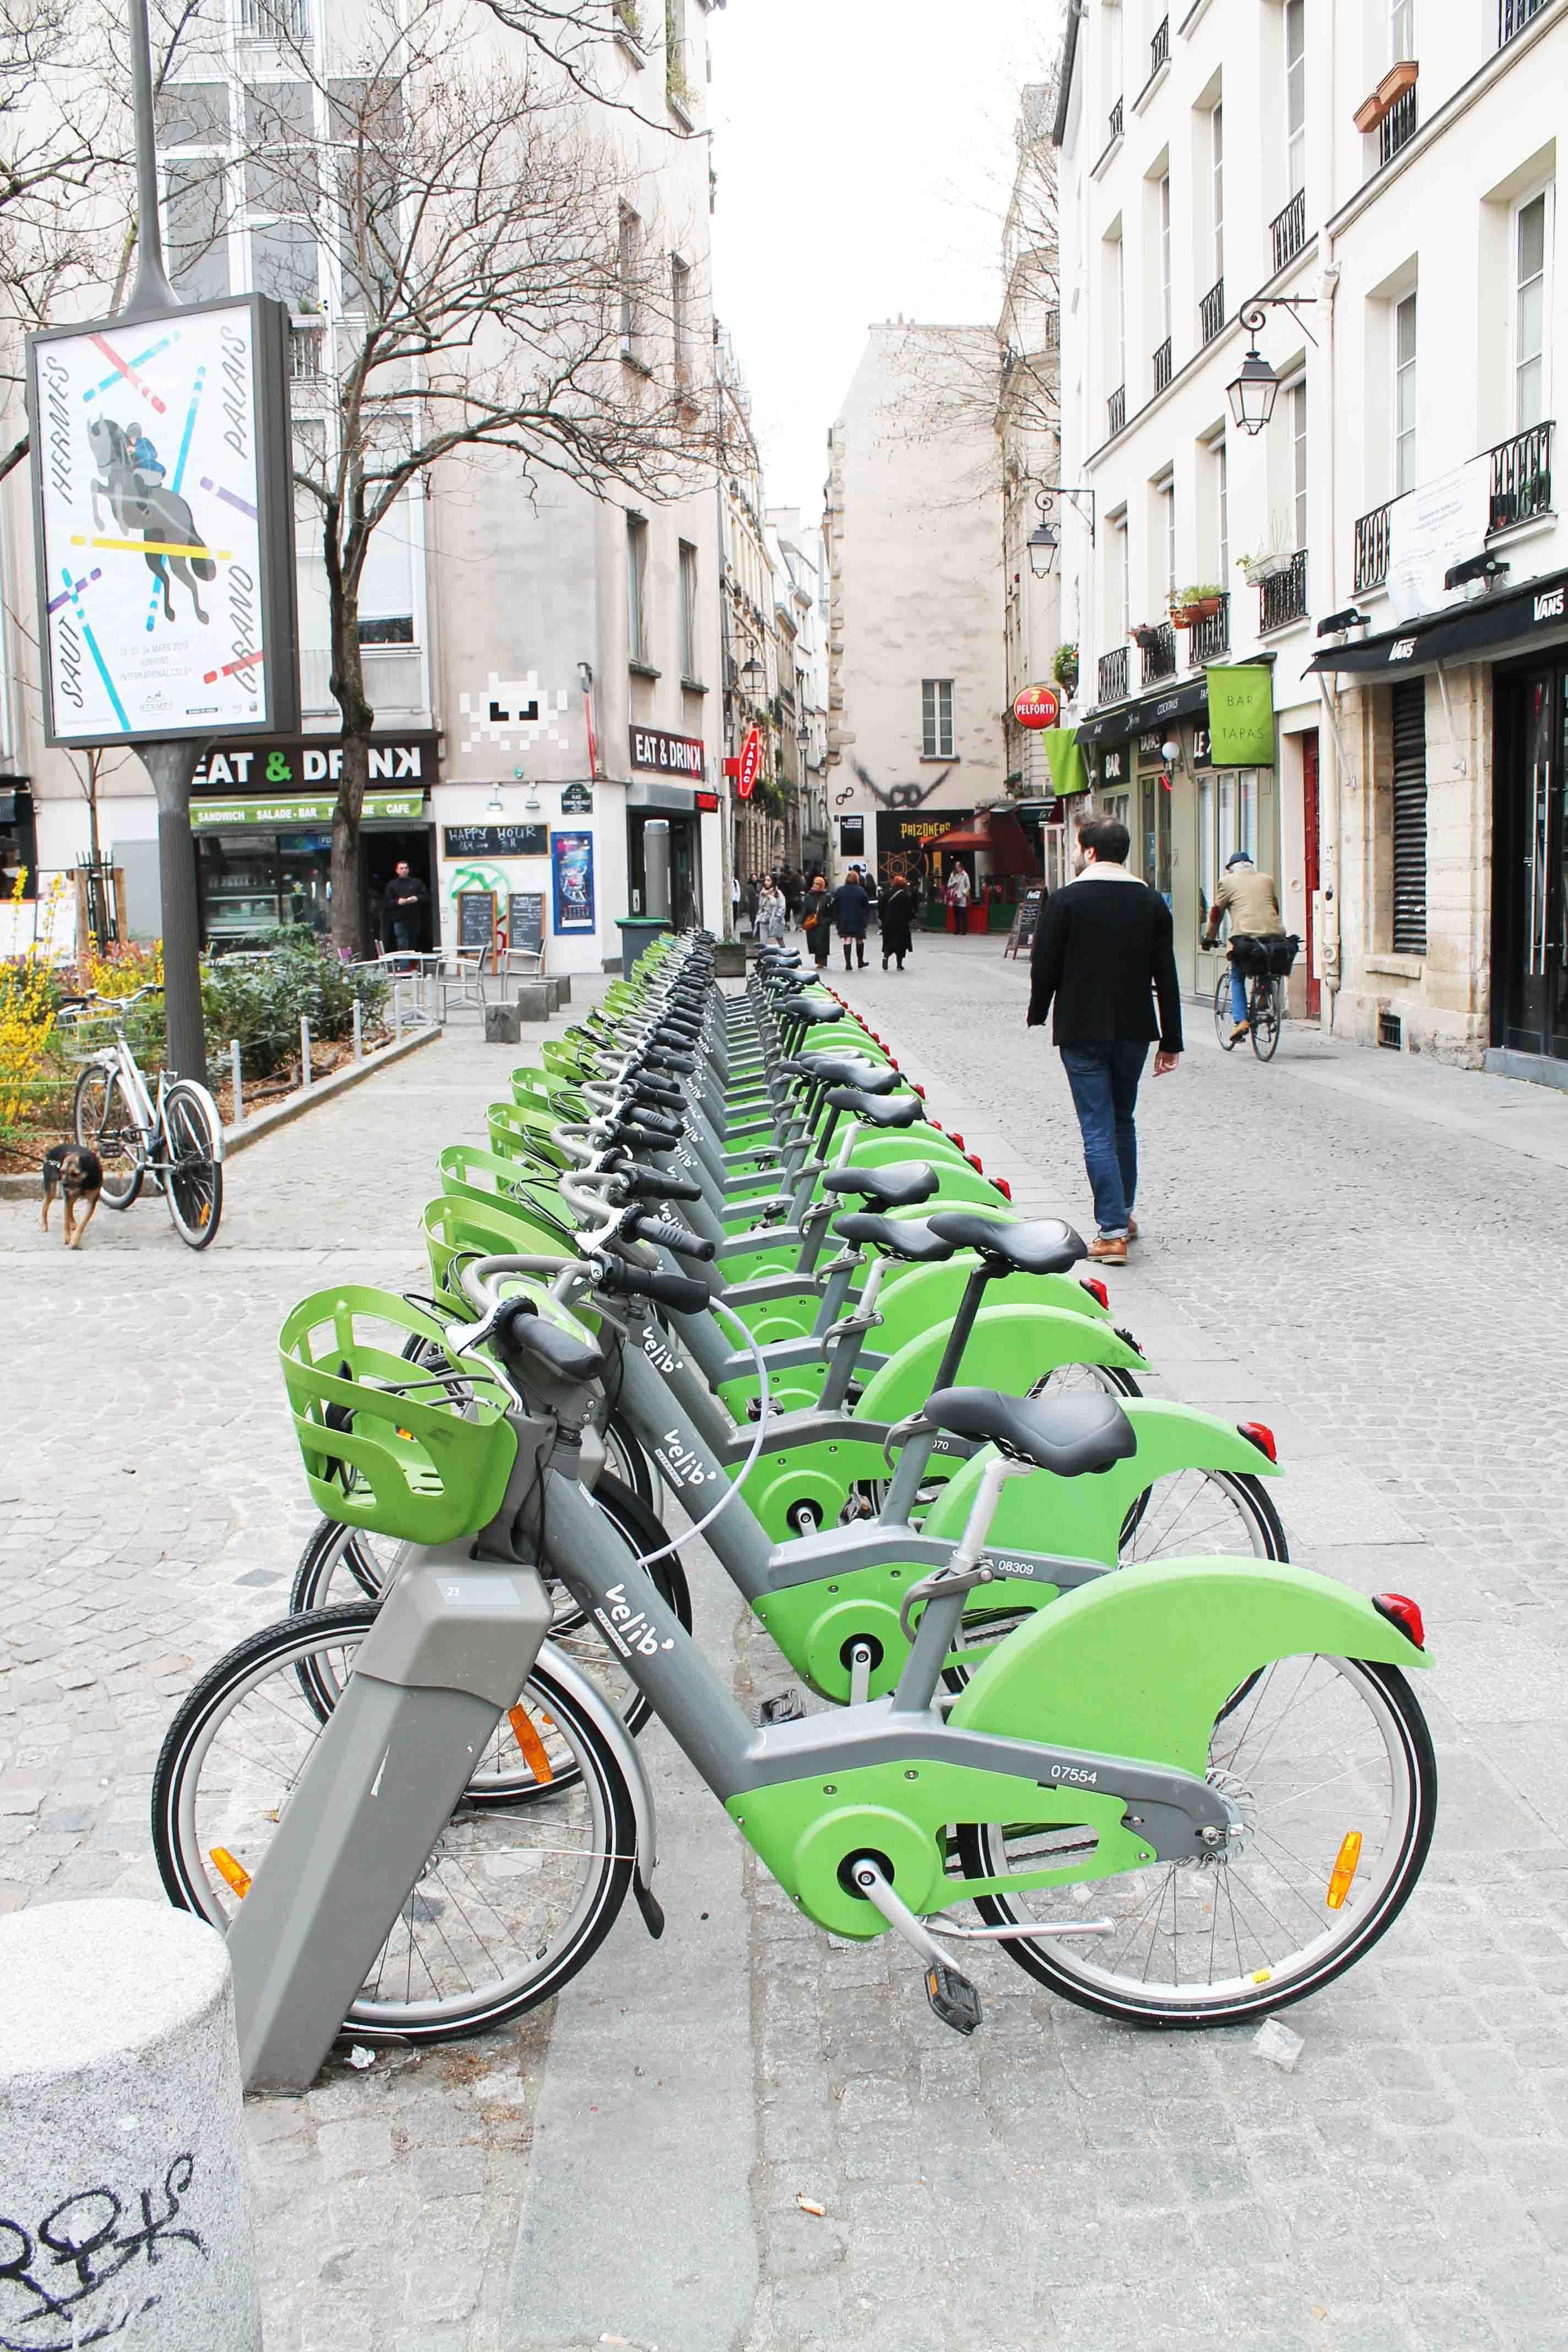 Elektronmobilität ist in der Hauptstadt Frankreichs schon längst etabliert!